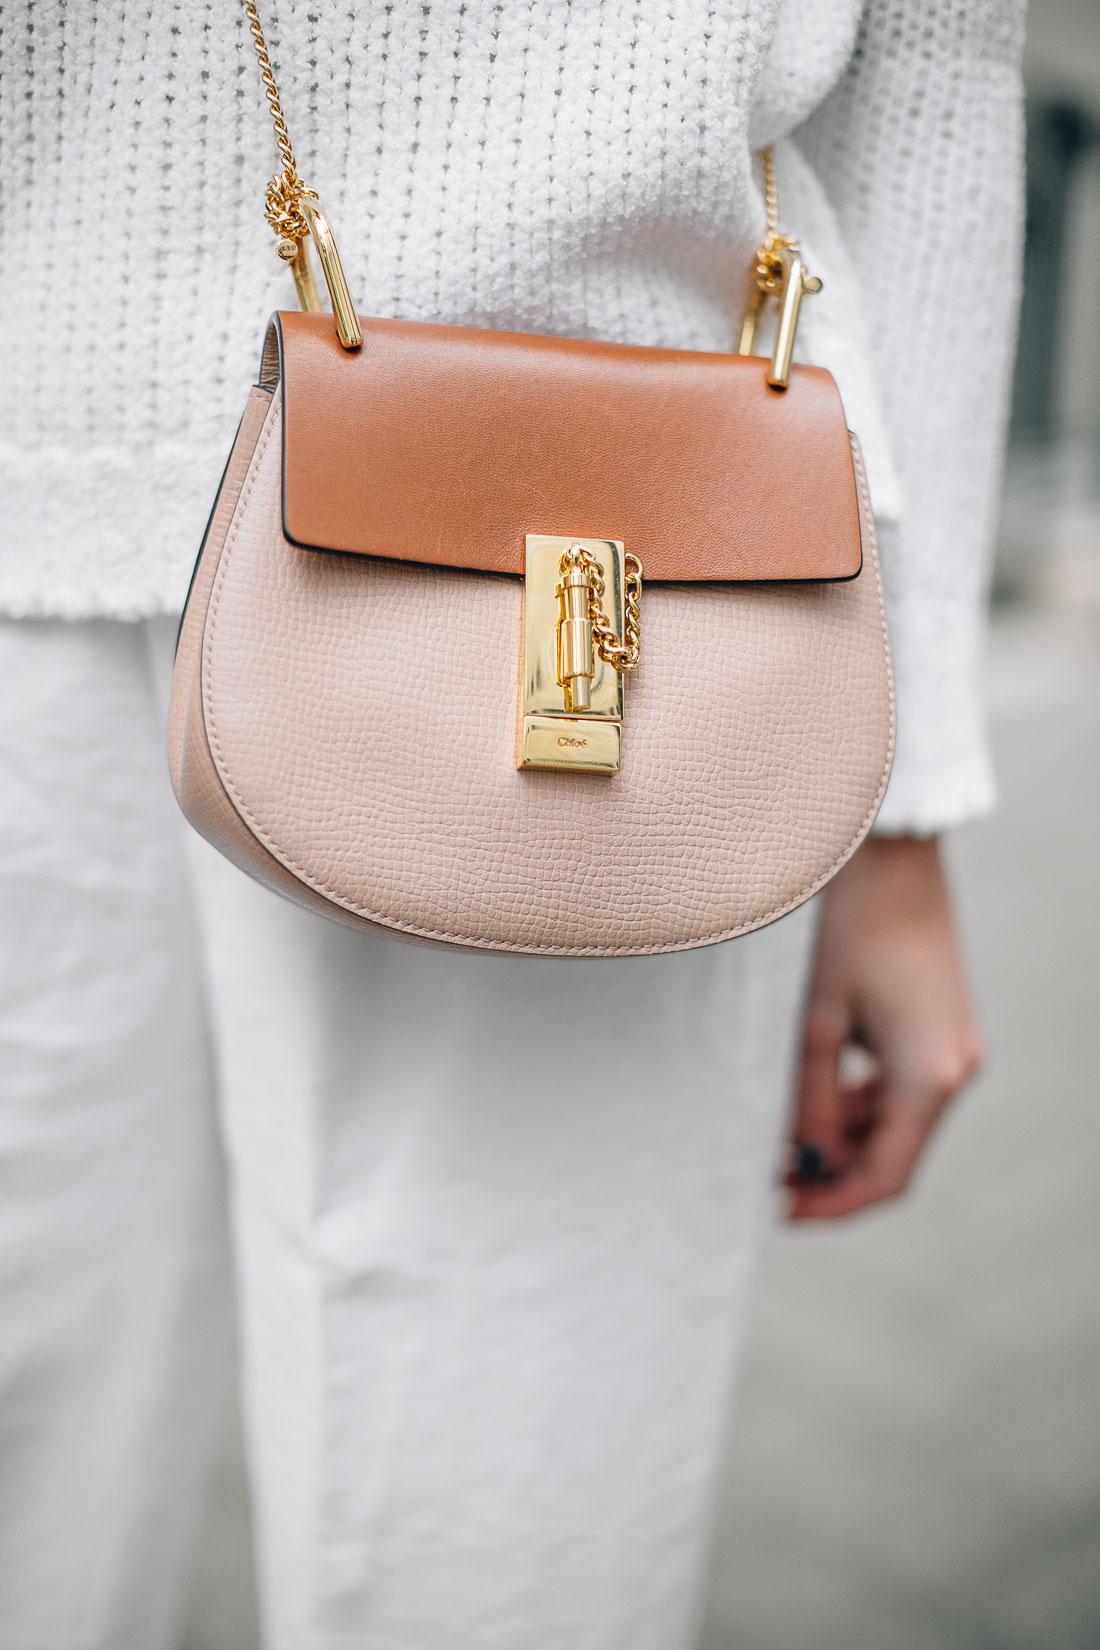 fashion-jackson-chloe-drew-small-handbag